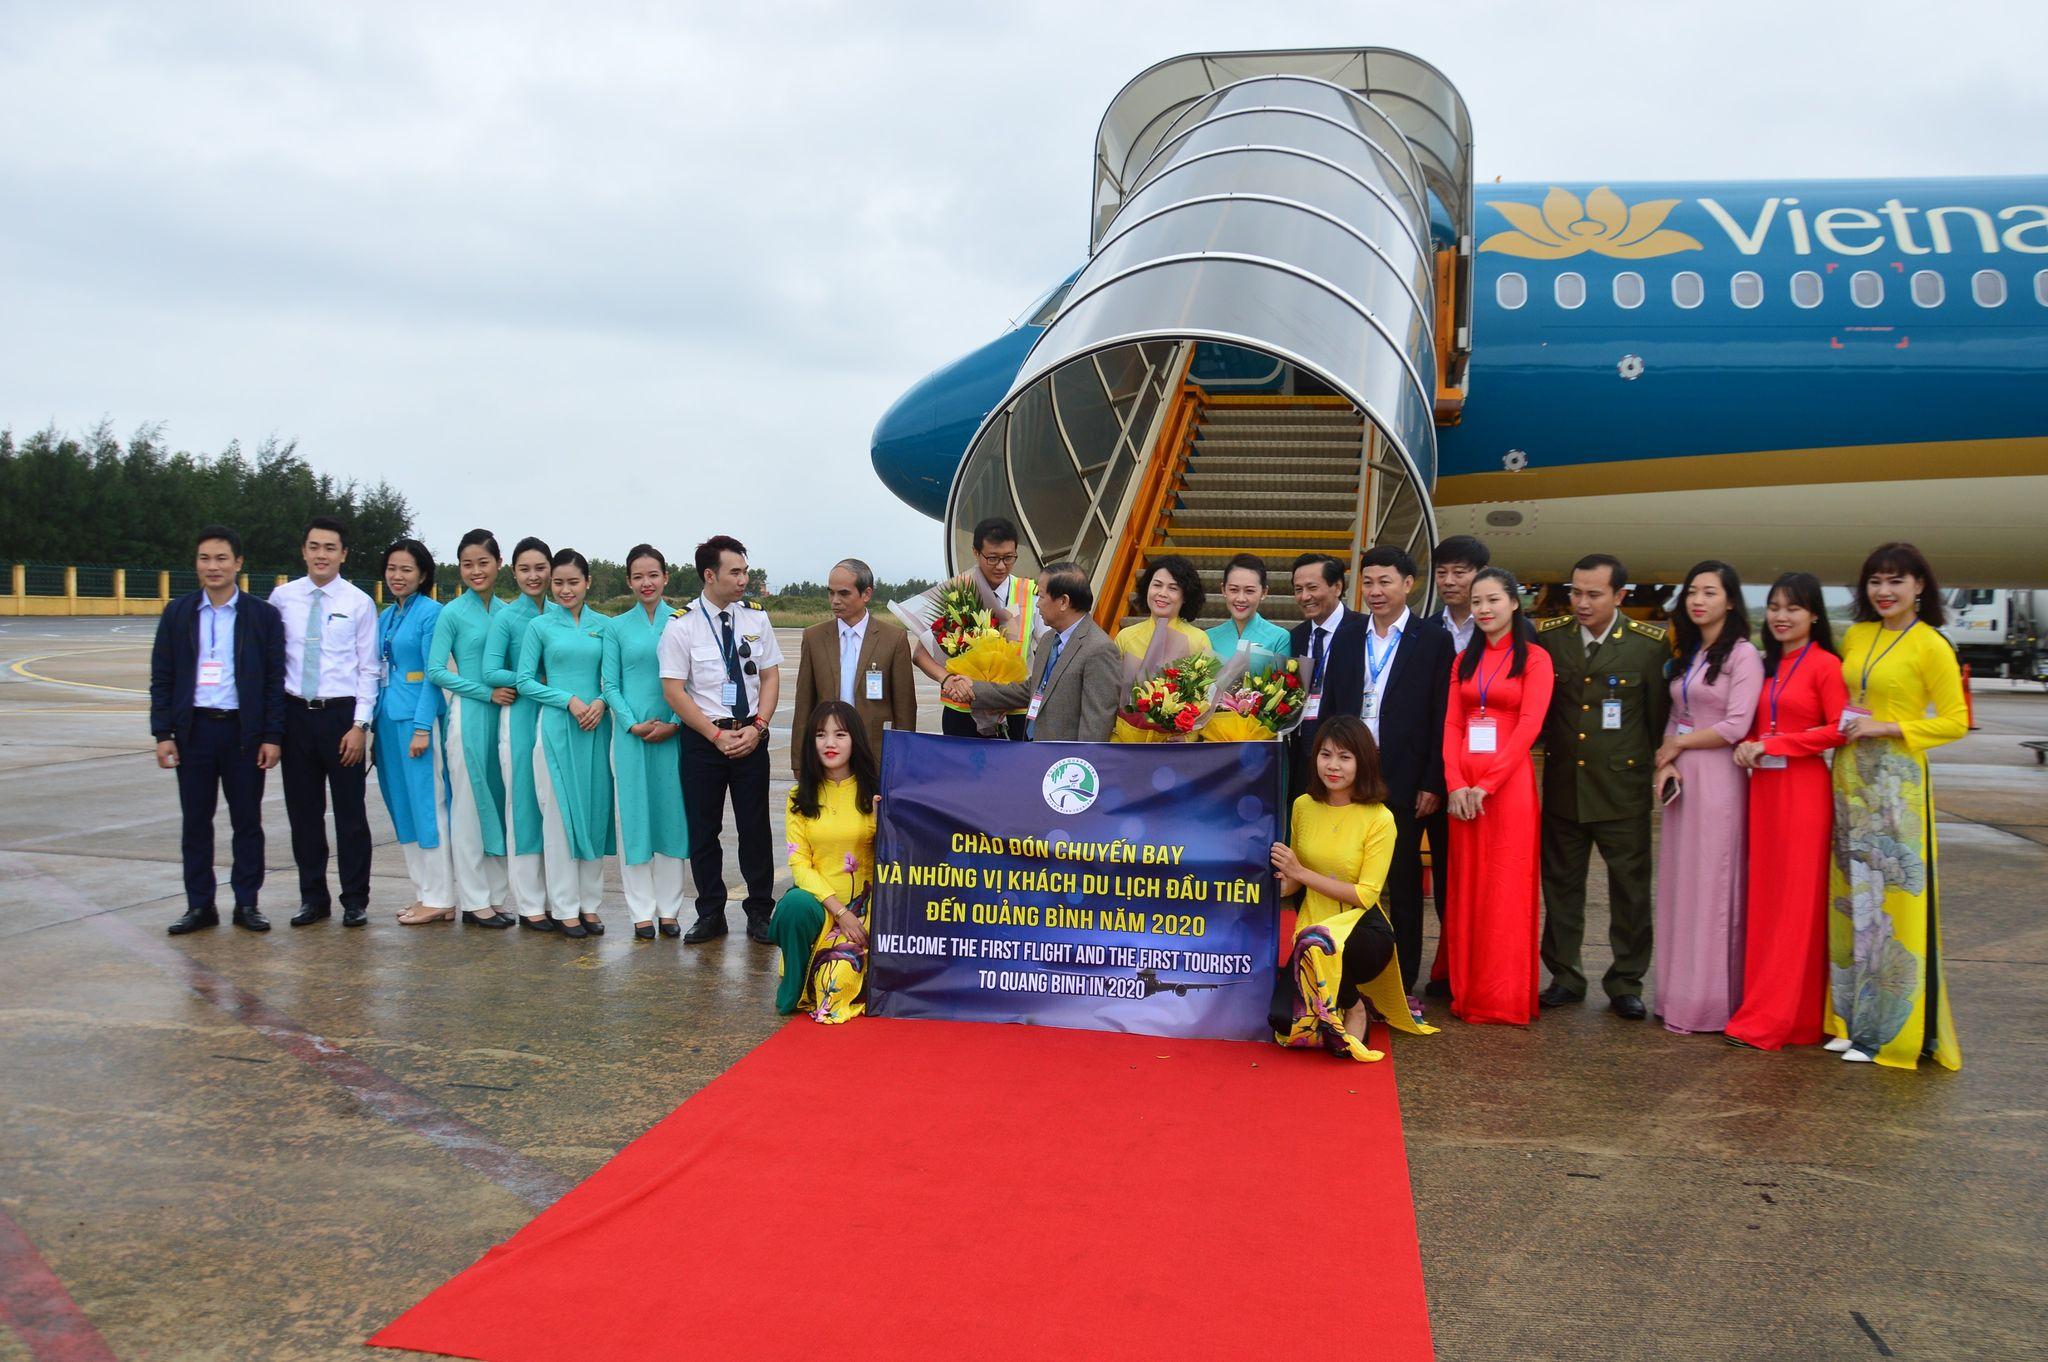 Thiệt hại đối với ngành du lịch Việt Nam khoảng 23 tỷ USD - Ảnh 1.